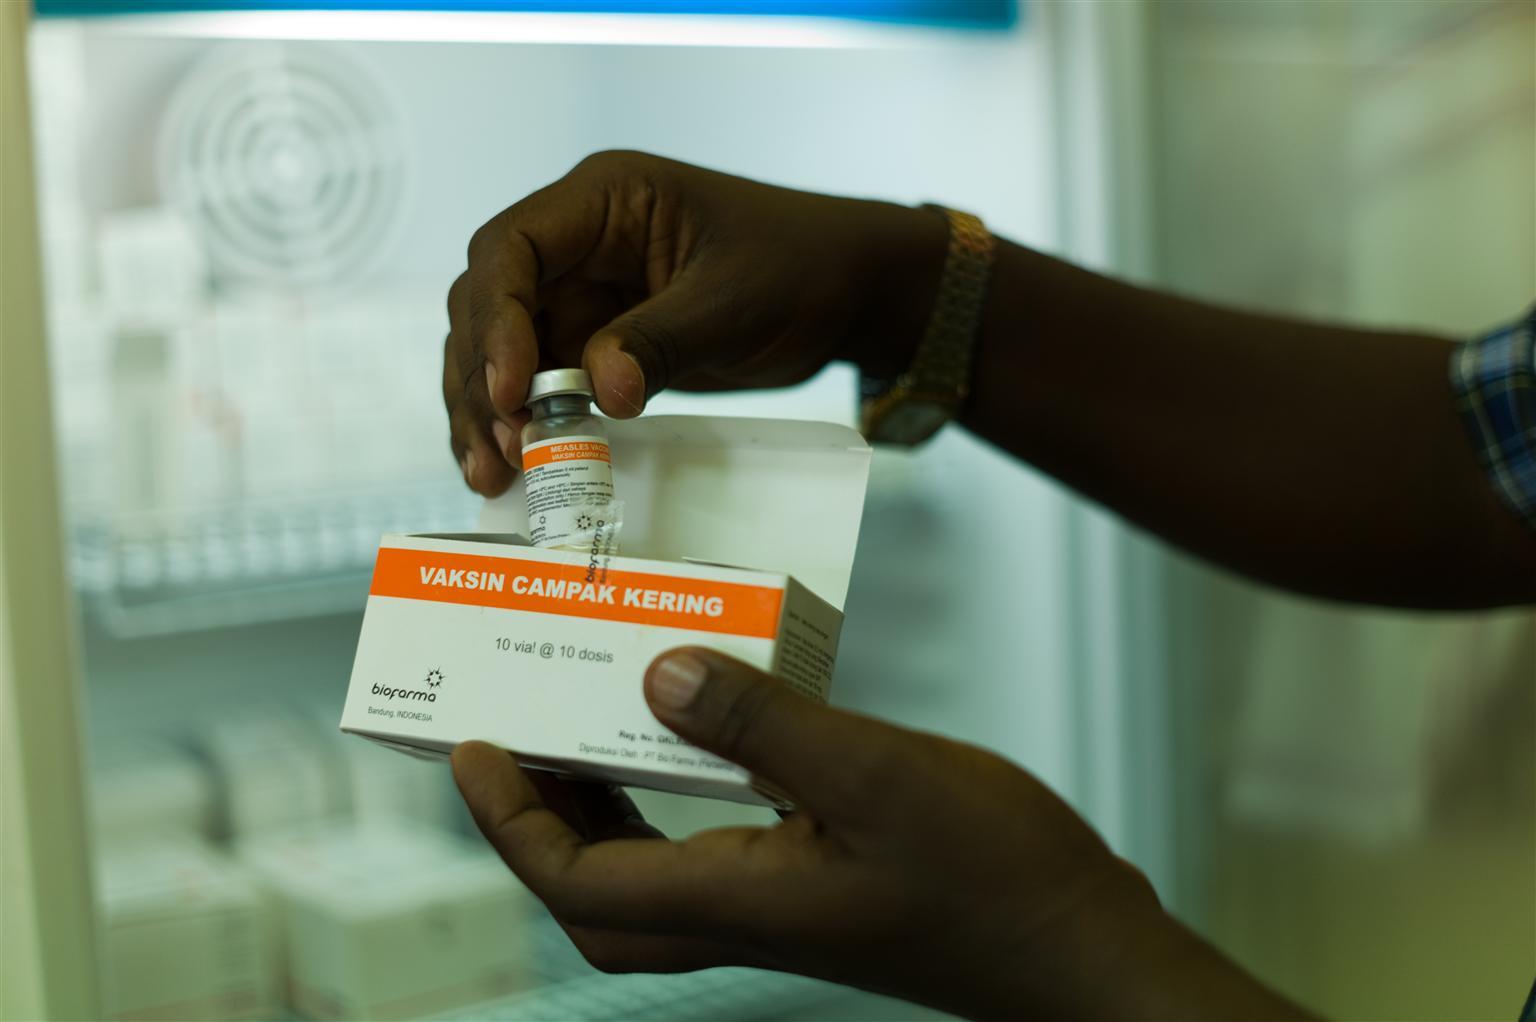 © UNICEF/NYHQ2012-0656/Nesbitt